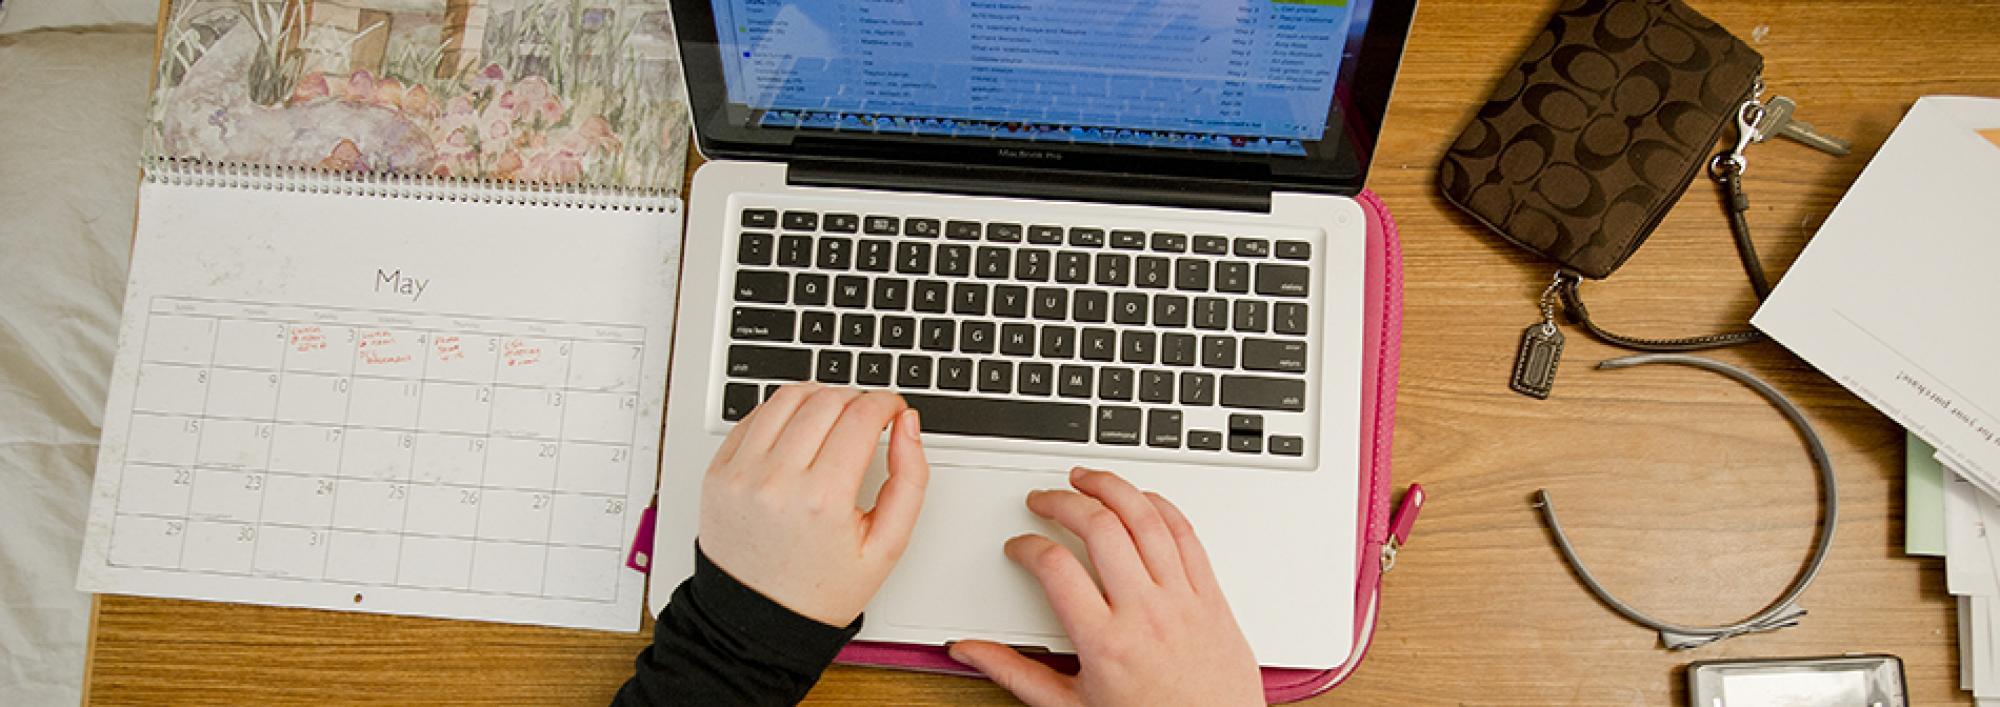 Hands on an open laptop